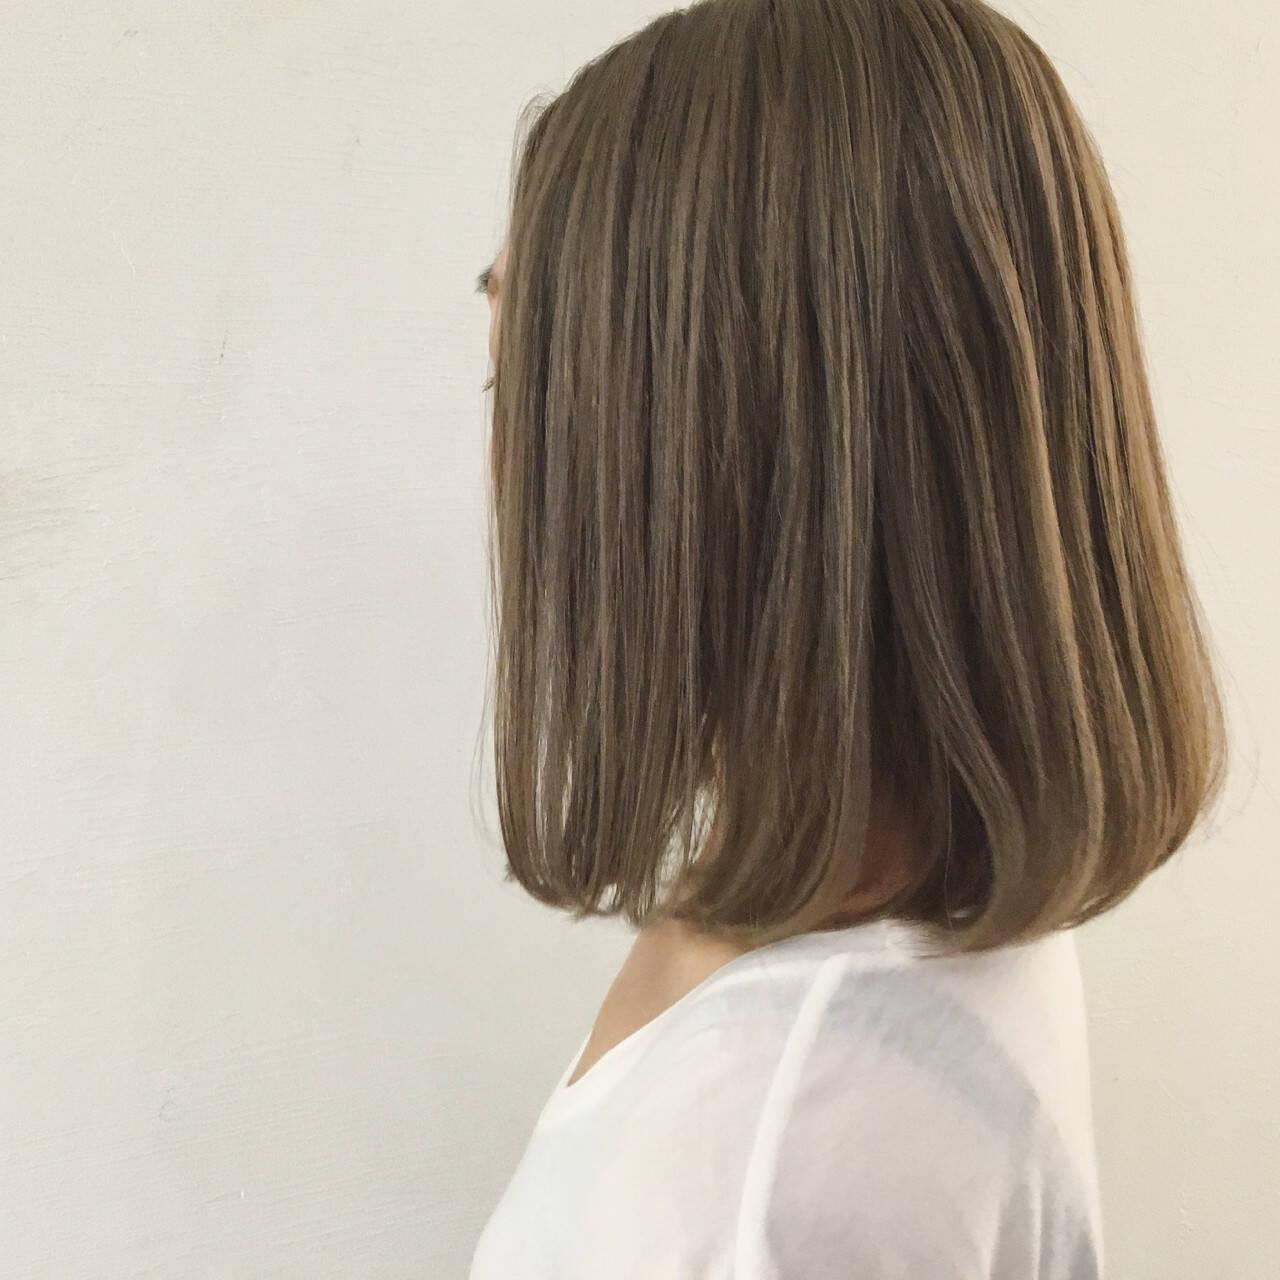 ストリート アッシュ 切りっぱなし ダブルカラーヘアスタイルや髪型の写真・画像